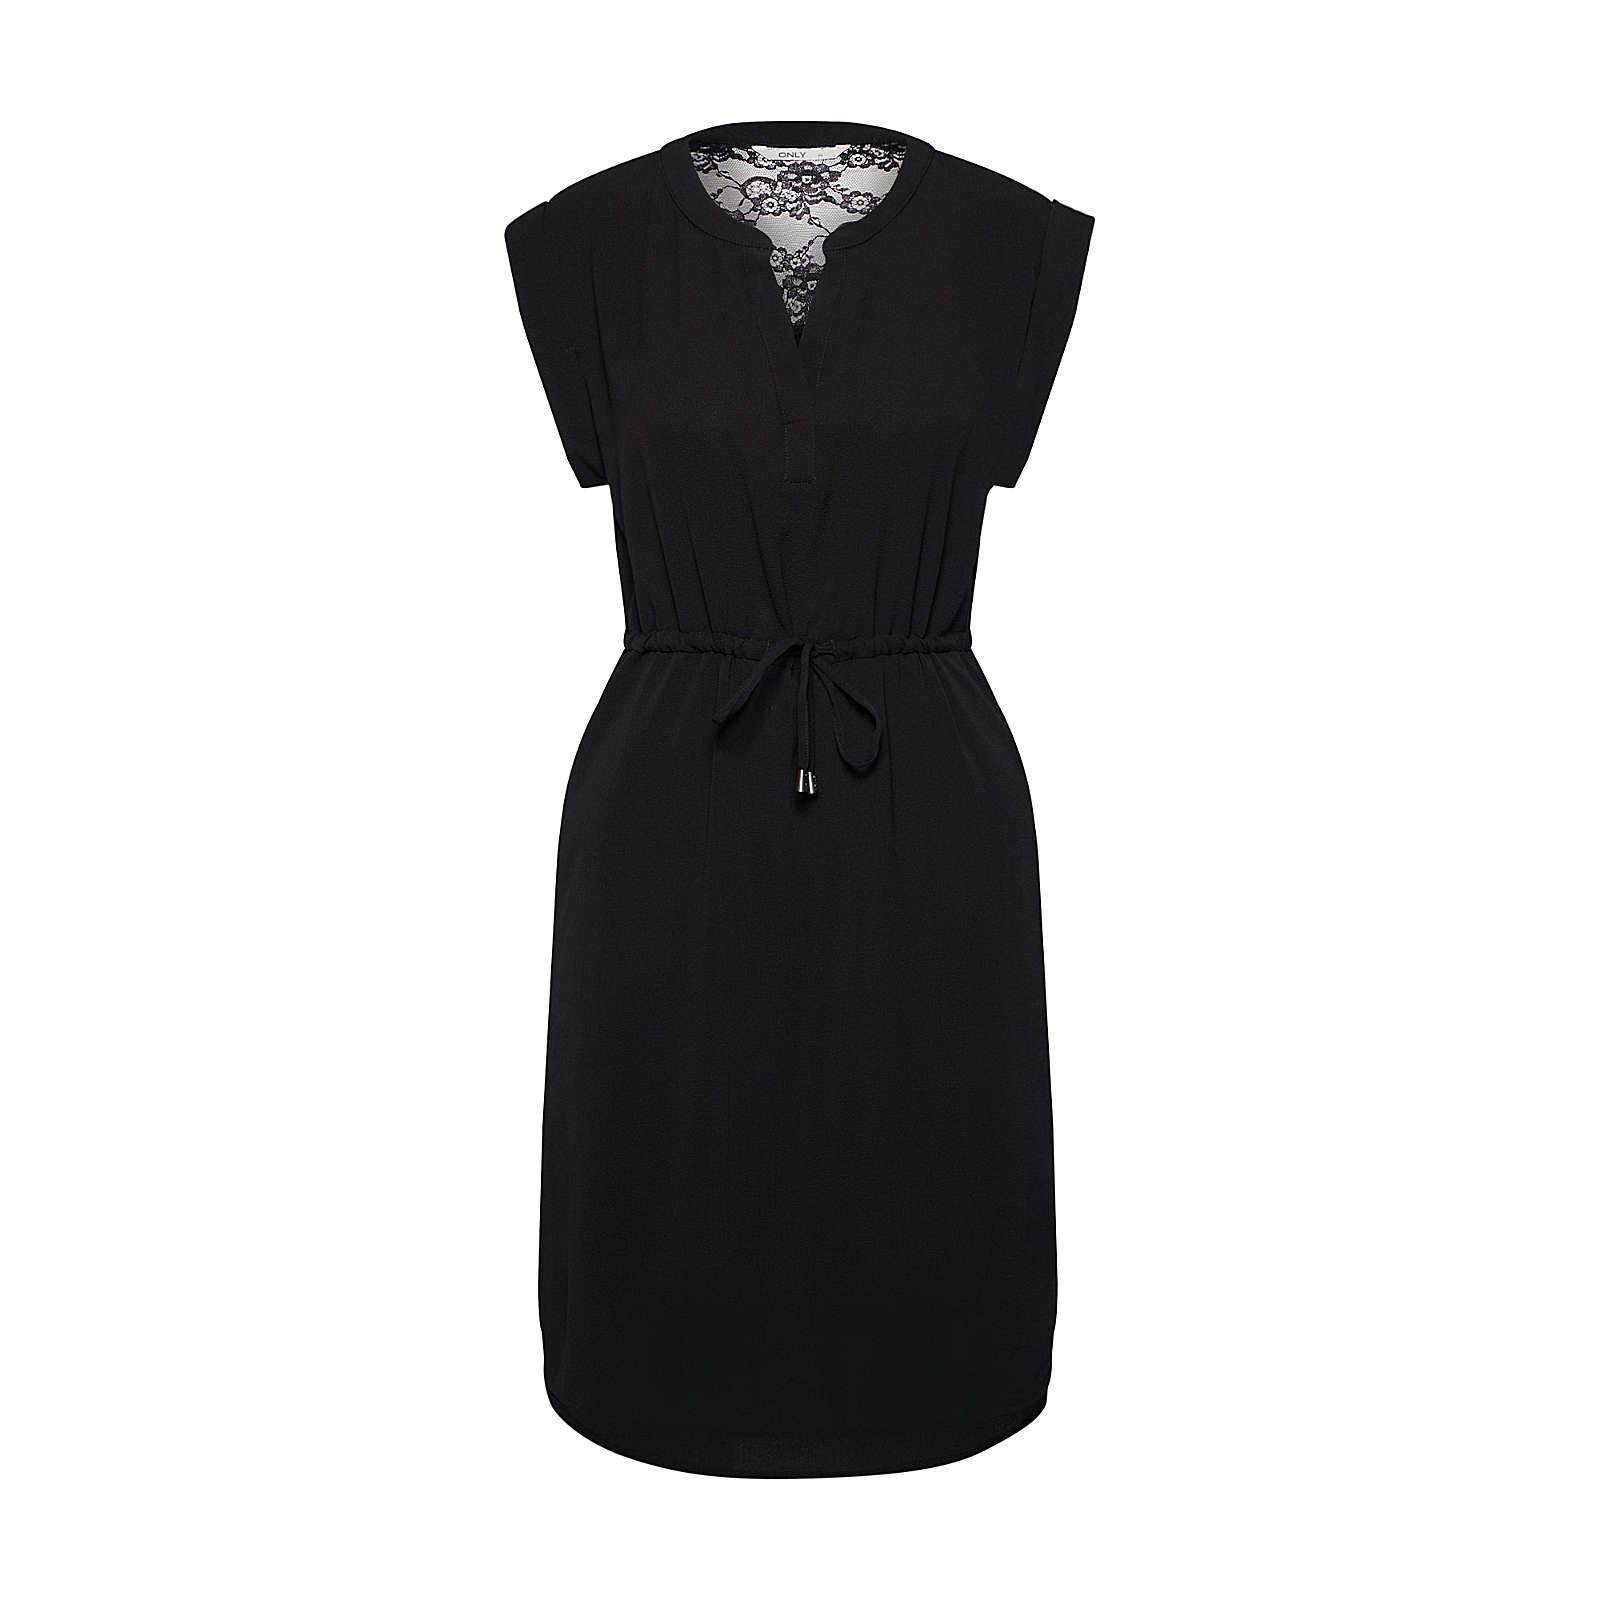 ONLY Sommerkleid Sommerkleider schwarz Damen Gr. 42